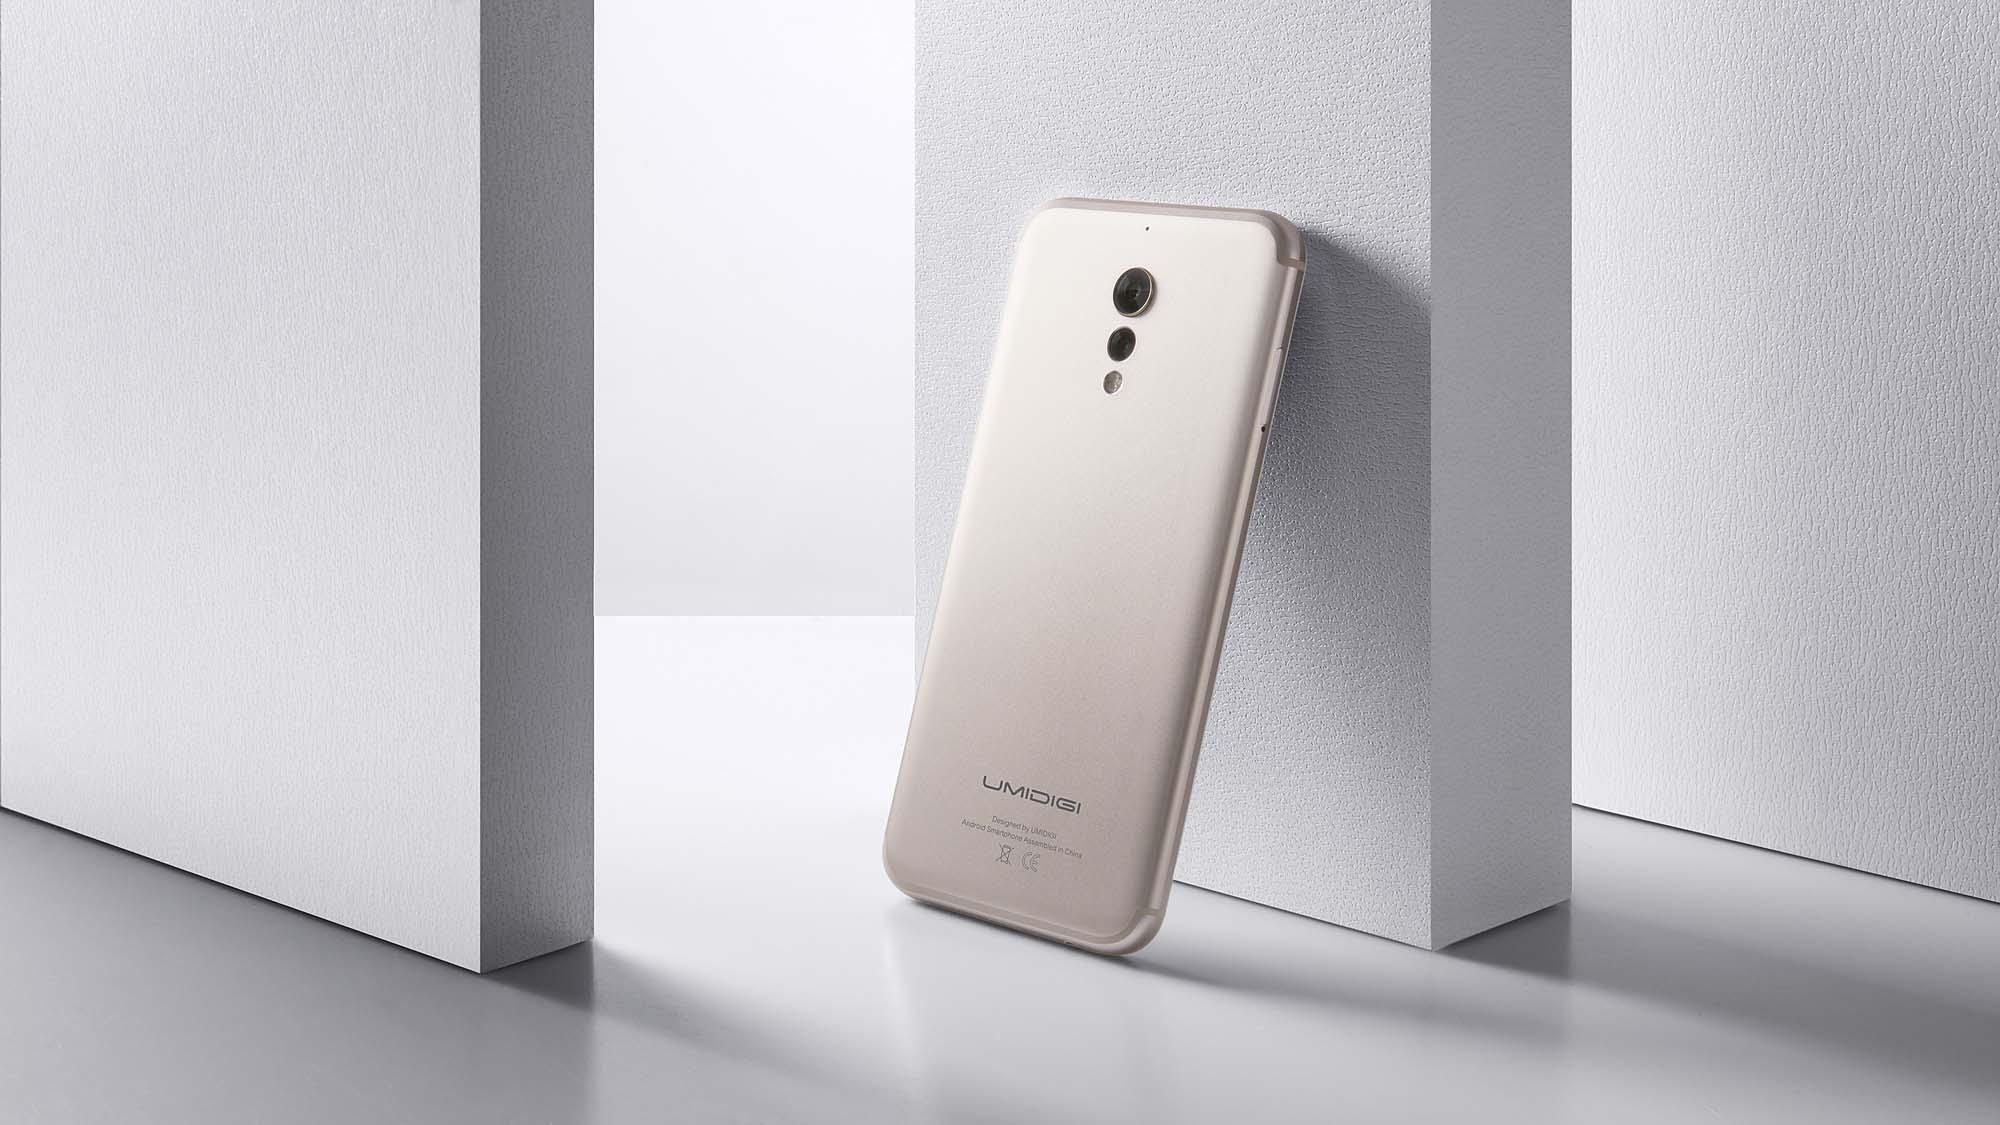 UMIDIGI S станет первым смартфоном новой линейки